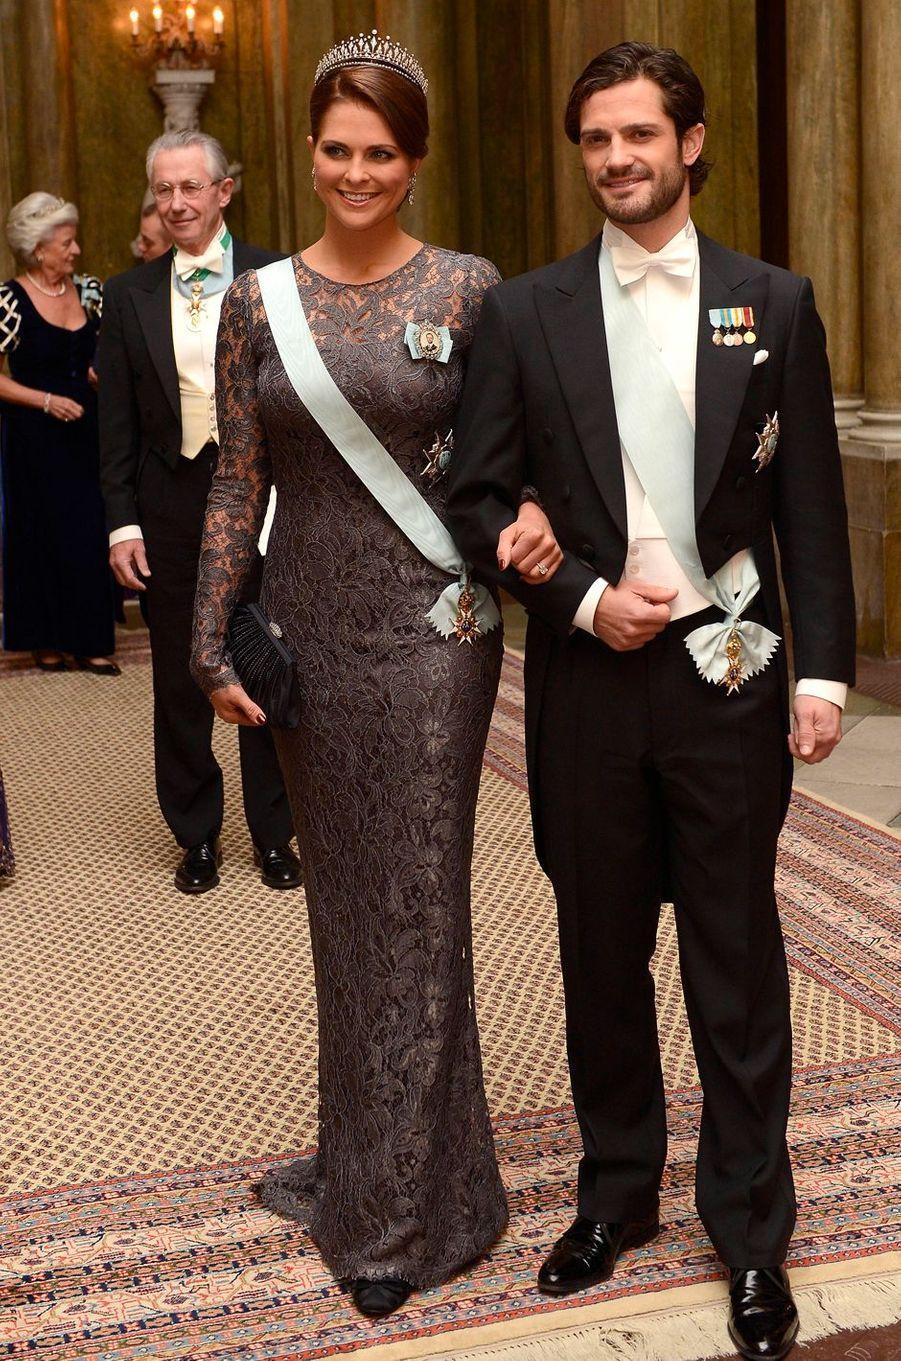 La princesse Madeleine de Suède dans une robe Dolce & Gabbana le 11 décembre 2012